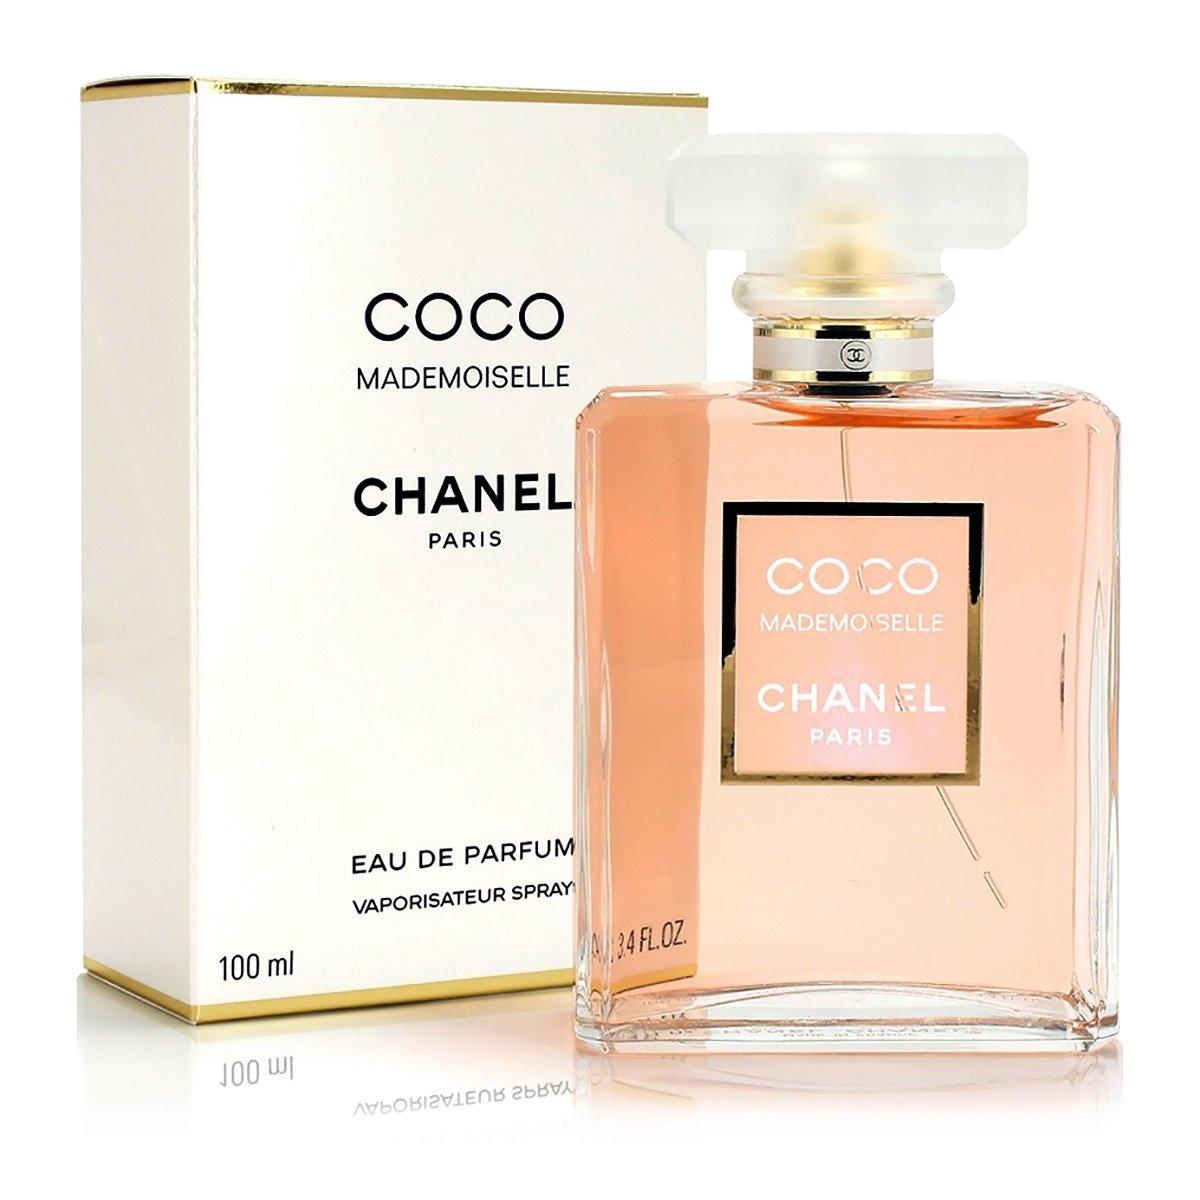 Chanel Coco Mademoiselle Eau de Parfum купить в Минске и РБ 34138c79b6607